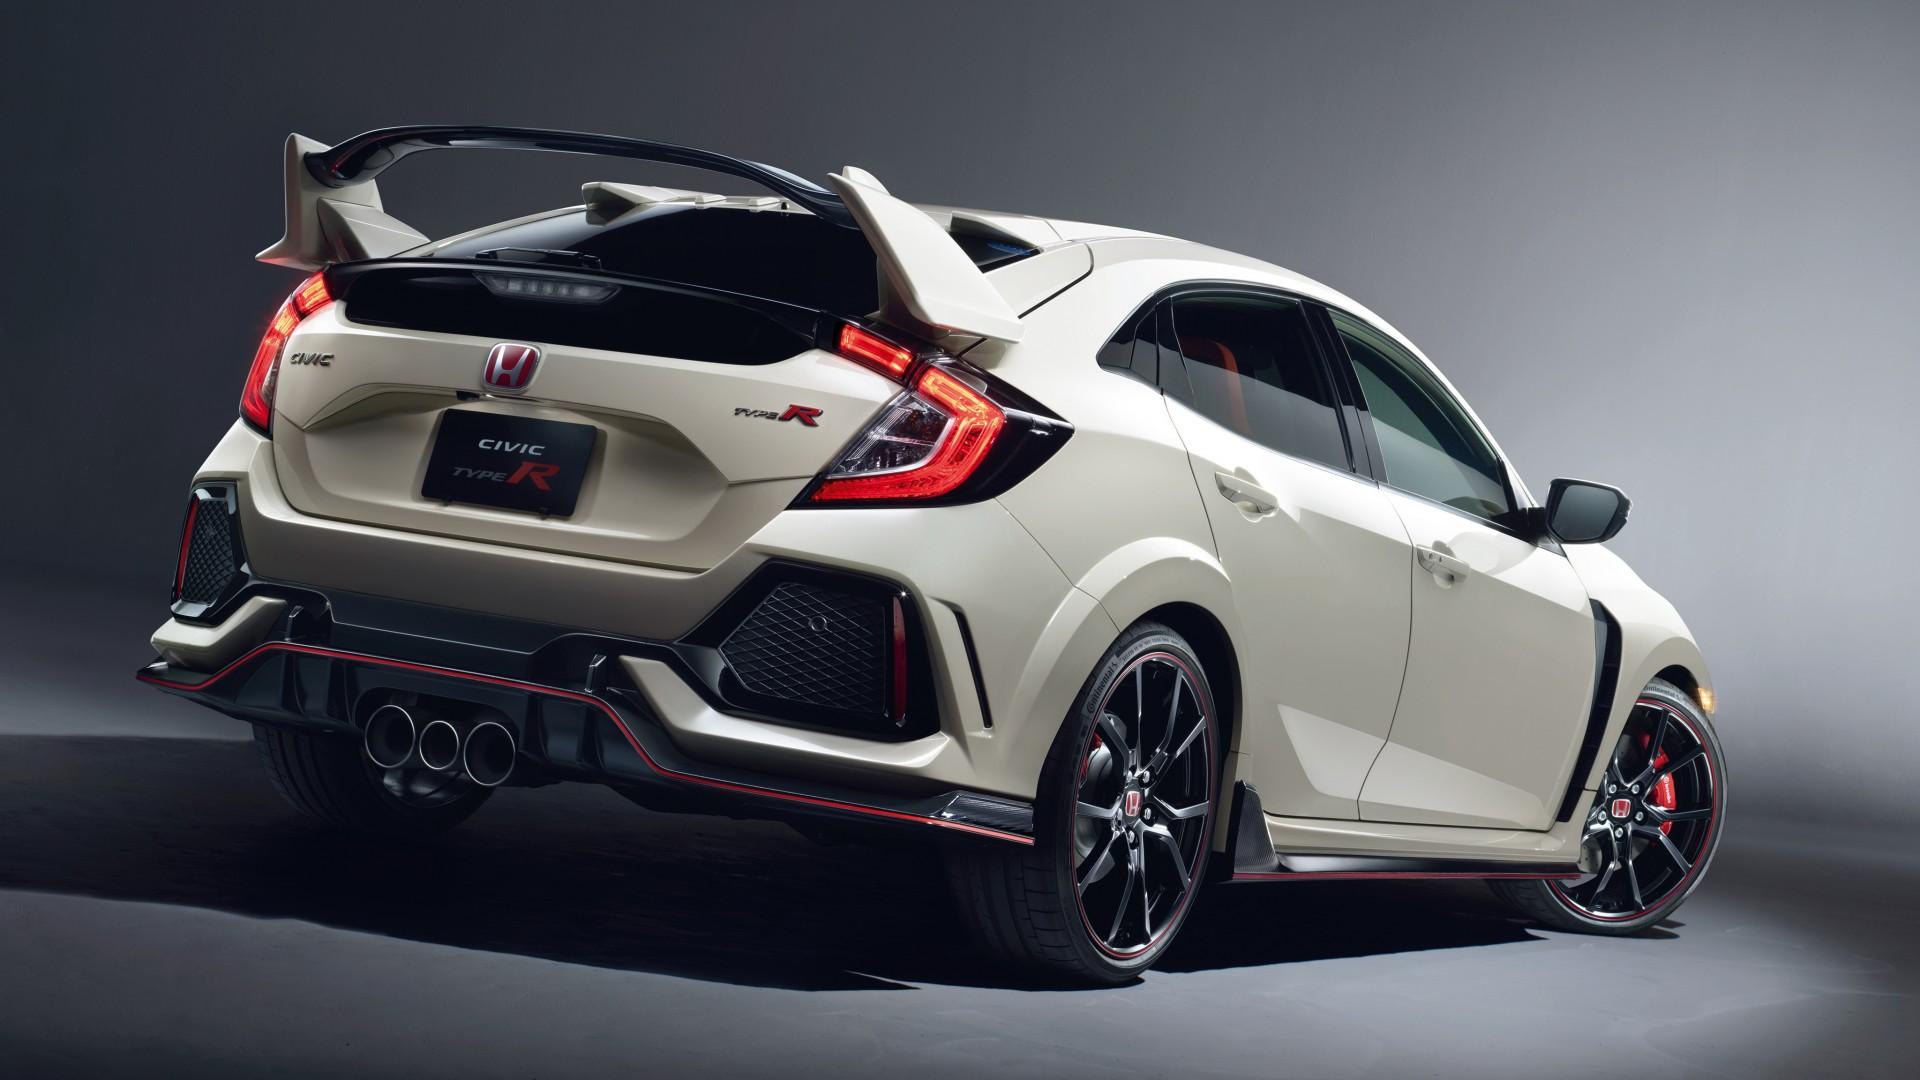 2017 Honda Civic Type R 4 Wallpaper Hd Car Wallpapers Id 8155